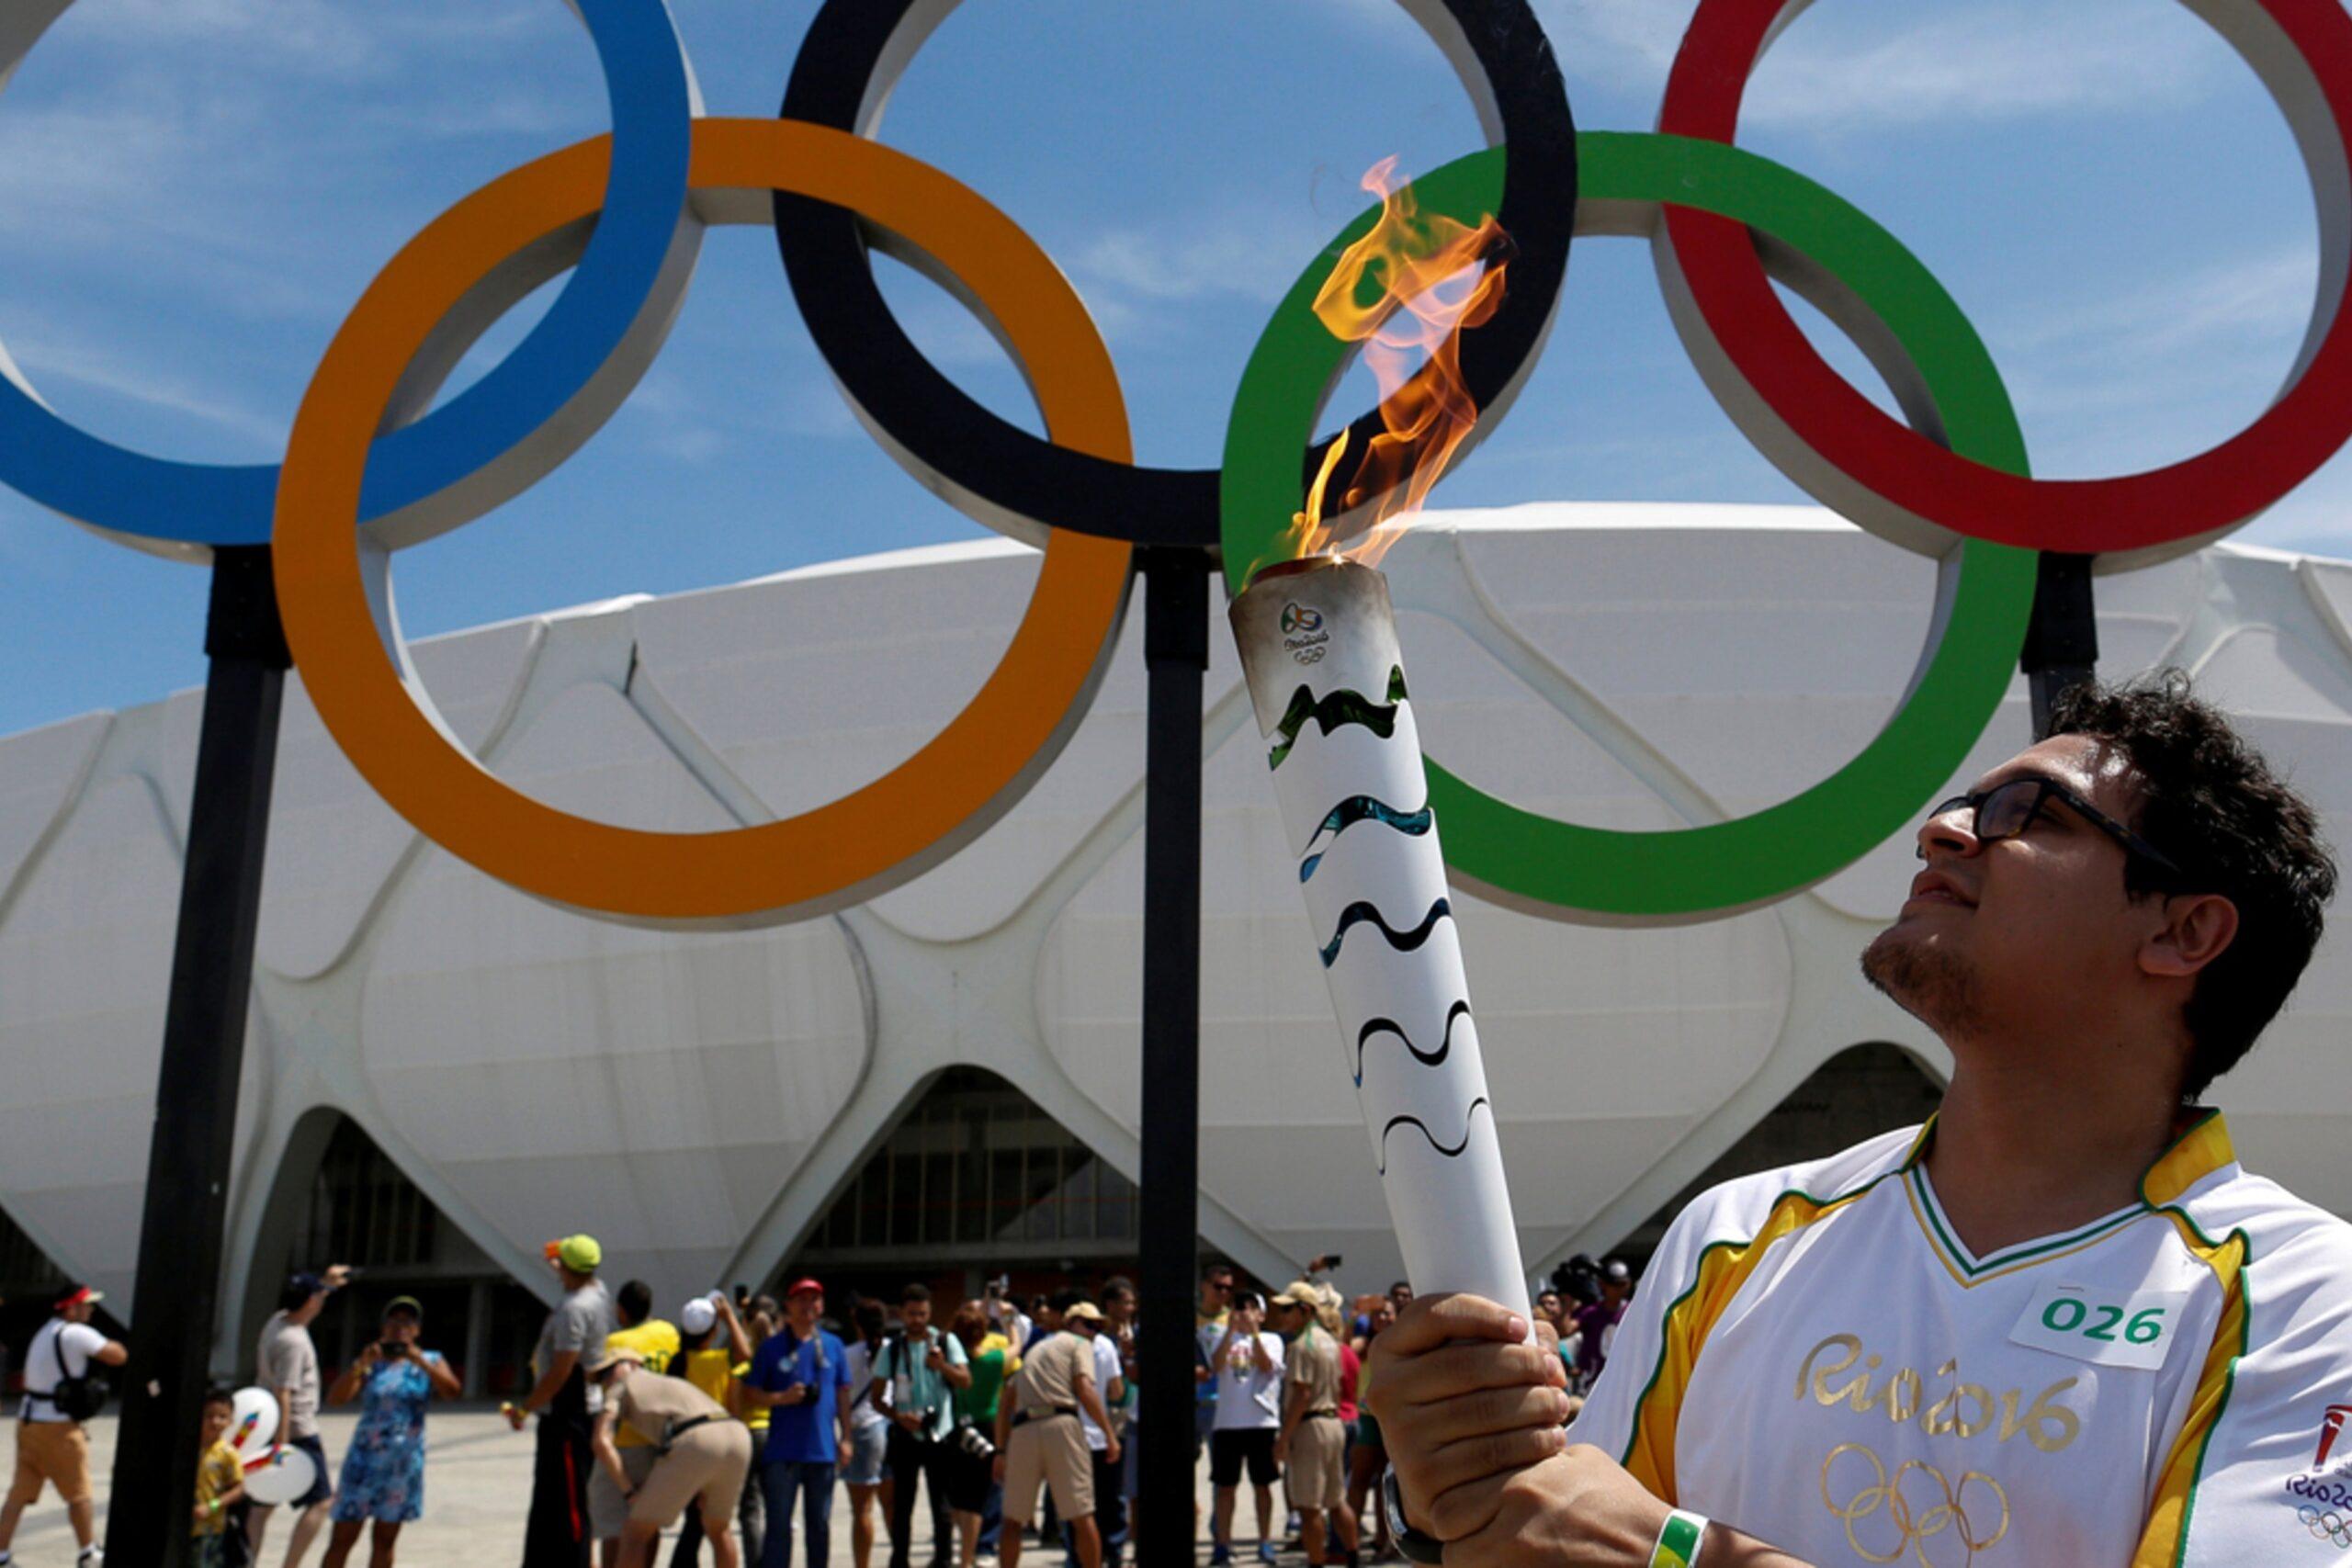 Στο τραπέζι και πάλι το σενάριο ακύρωσης των Ολυμπιακών Αγώνων!